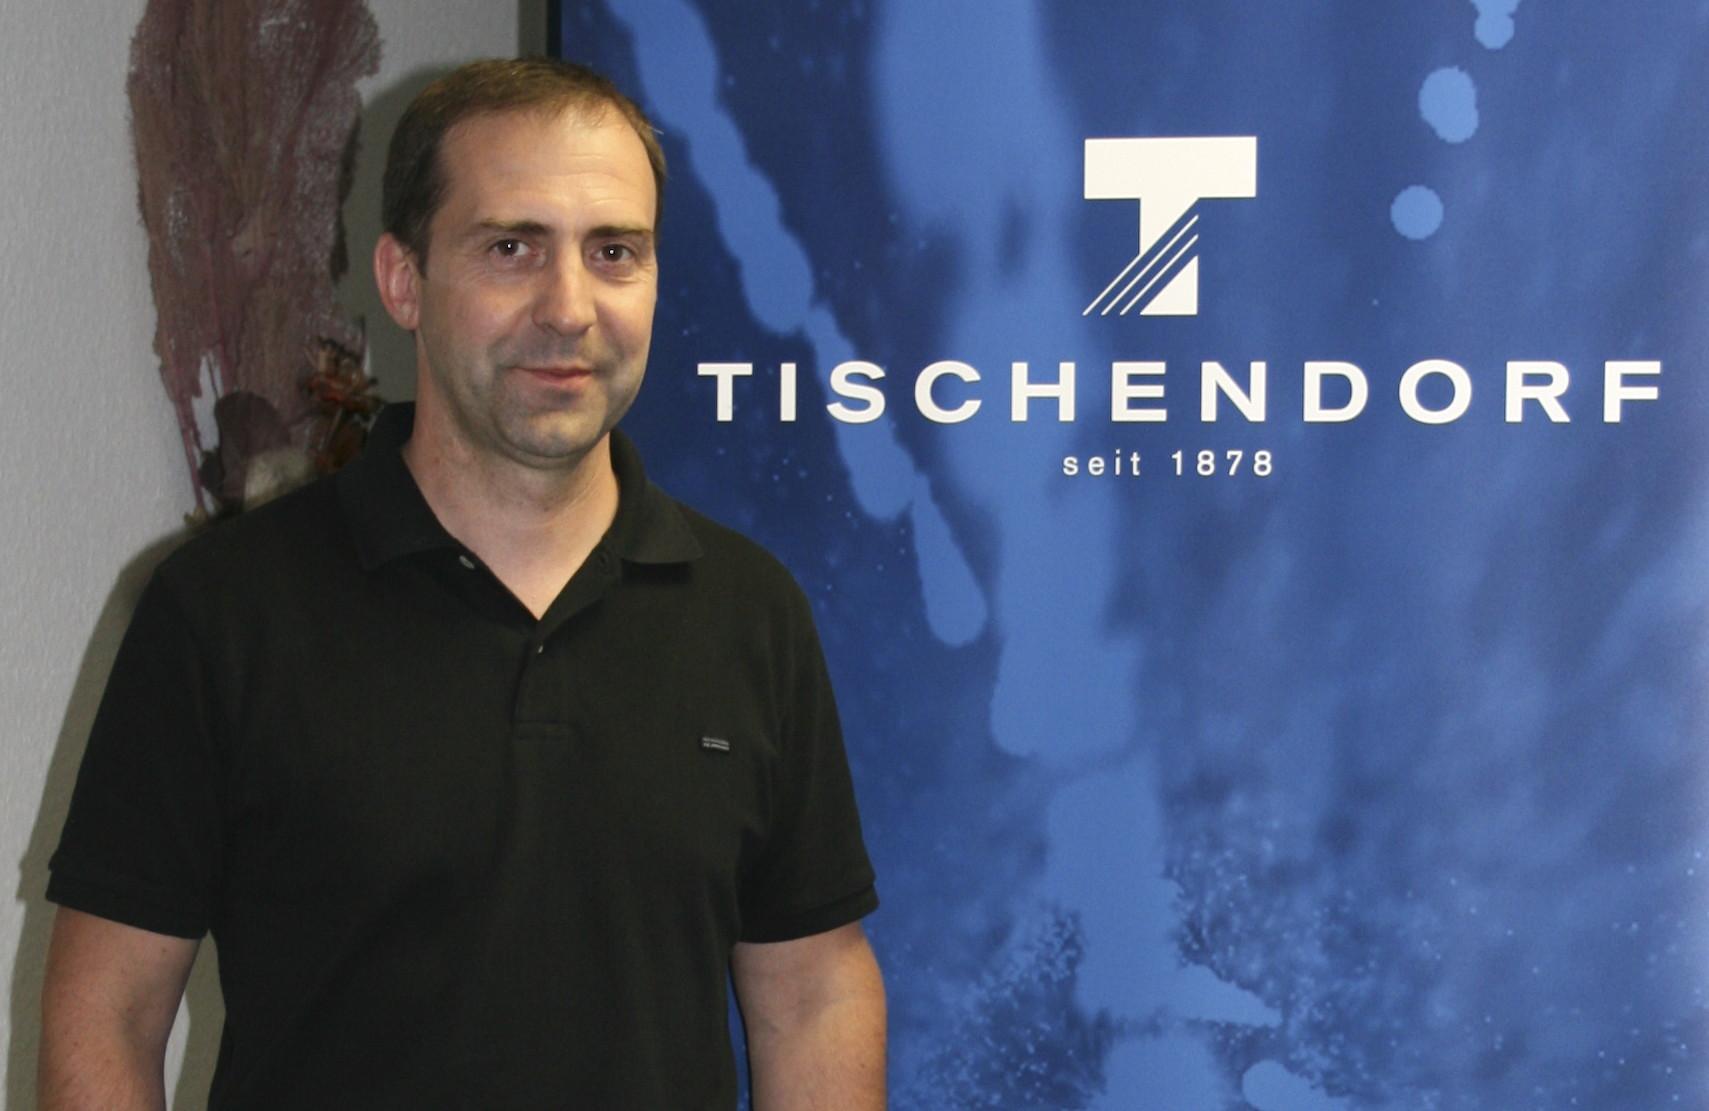 Christian Tischendorf, Geschäftsinhaber von Tischendorf DIE MEDIENPARTNER